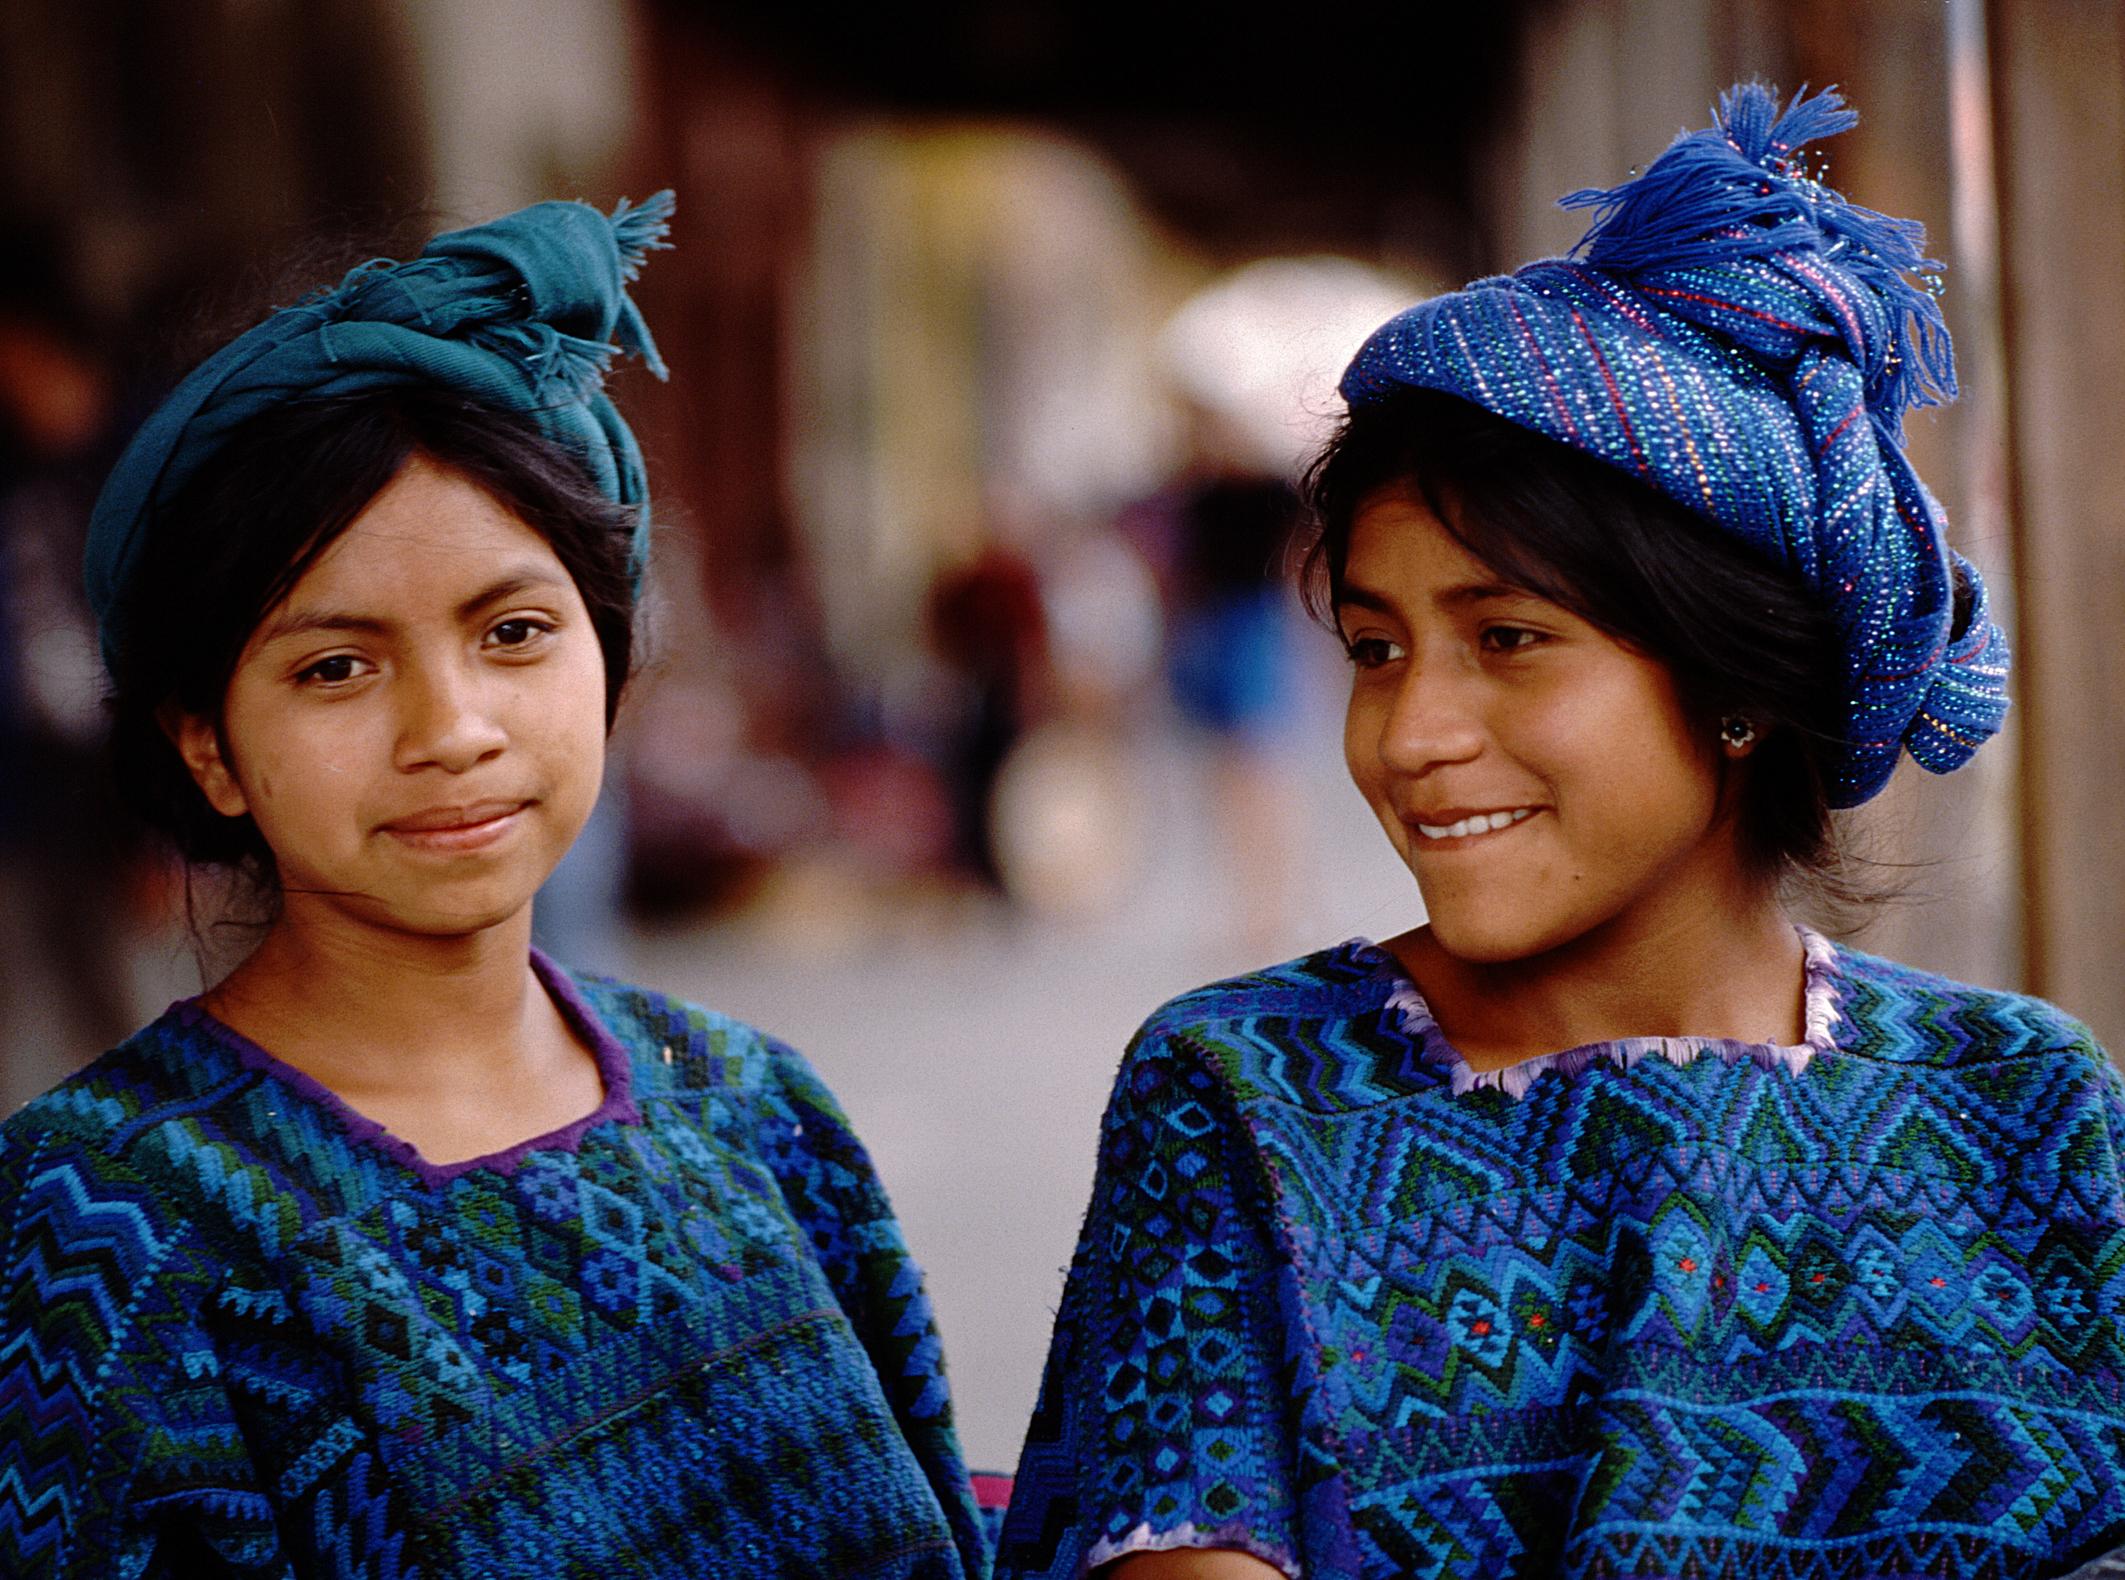 Dos chicas de una comunidad indígena.